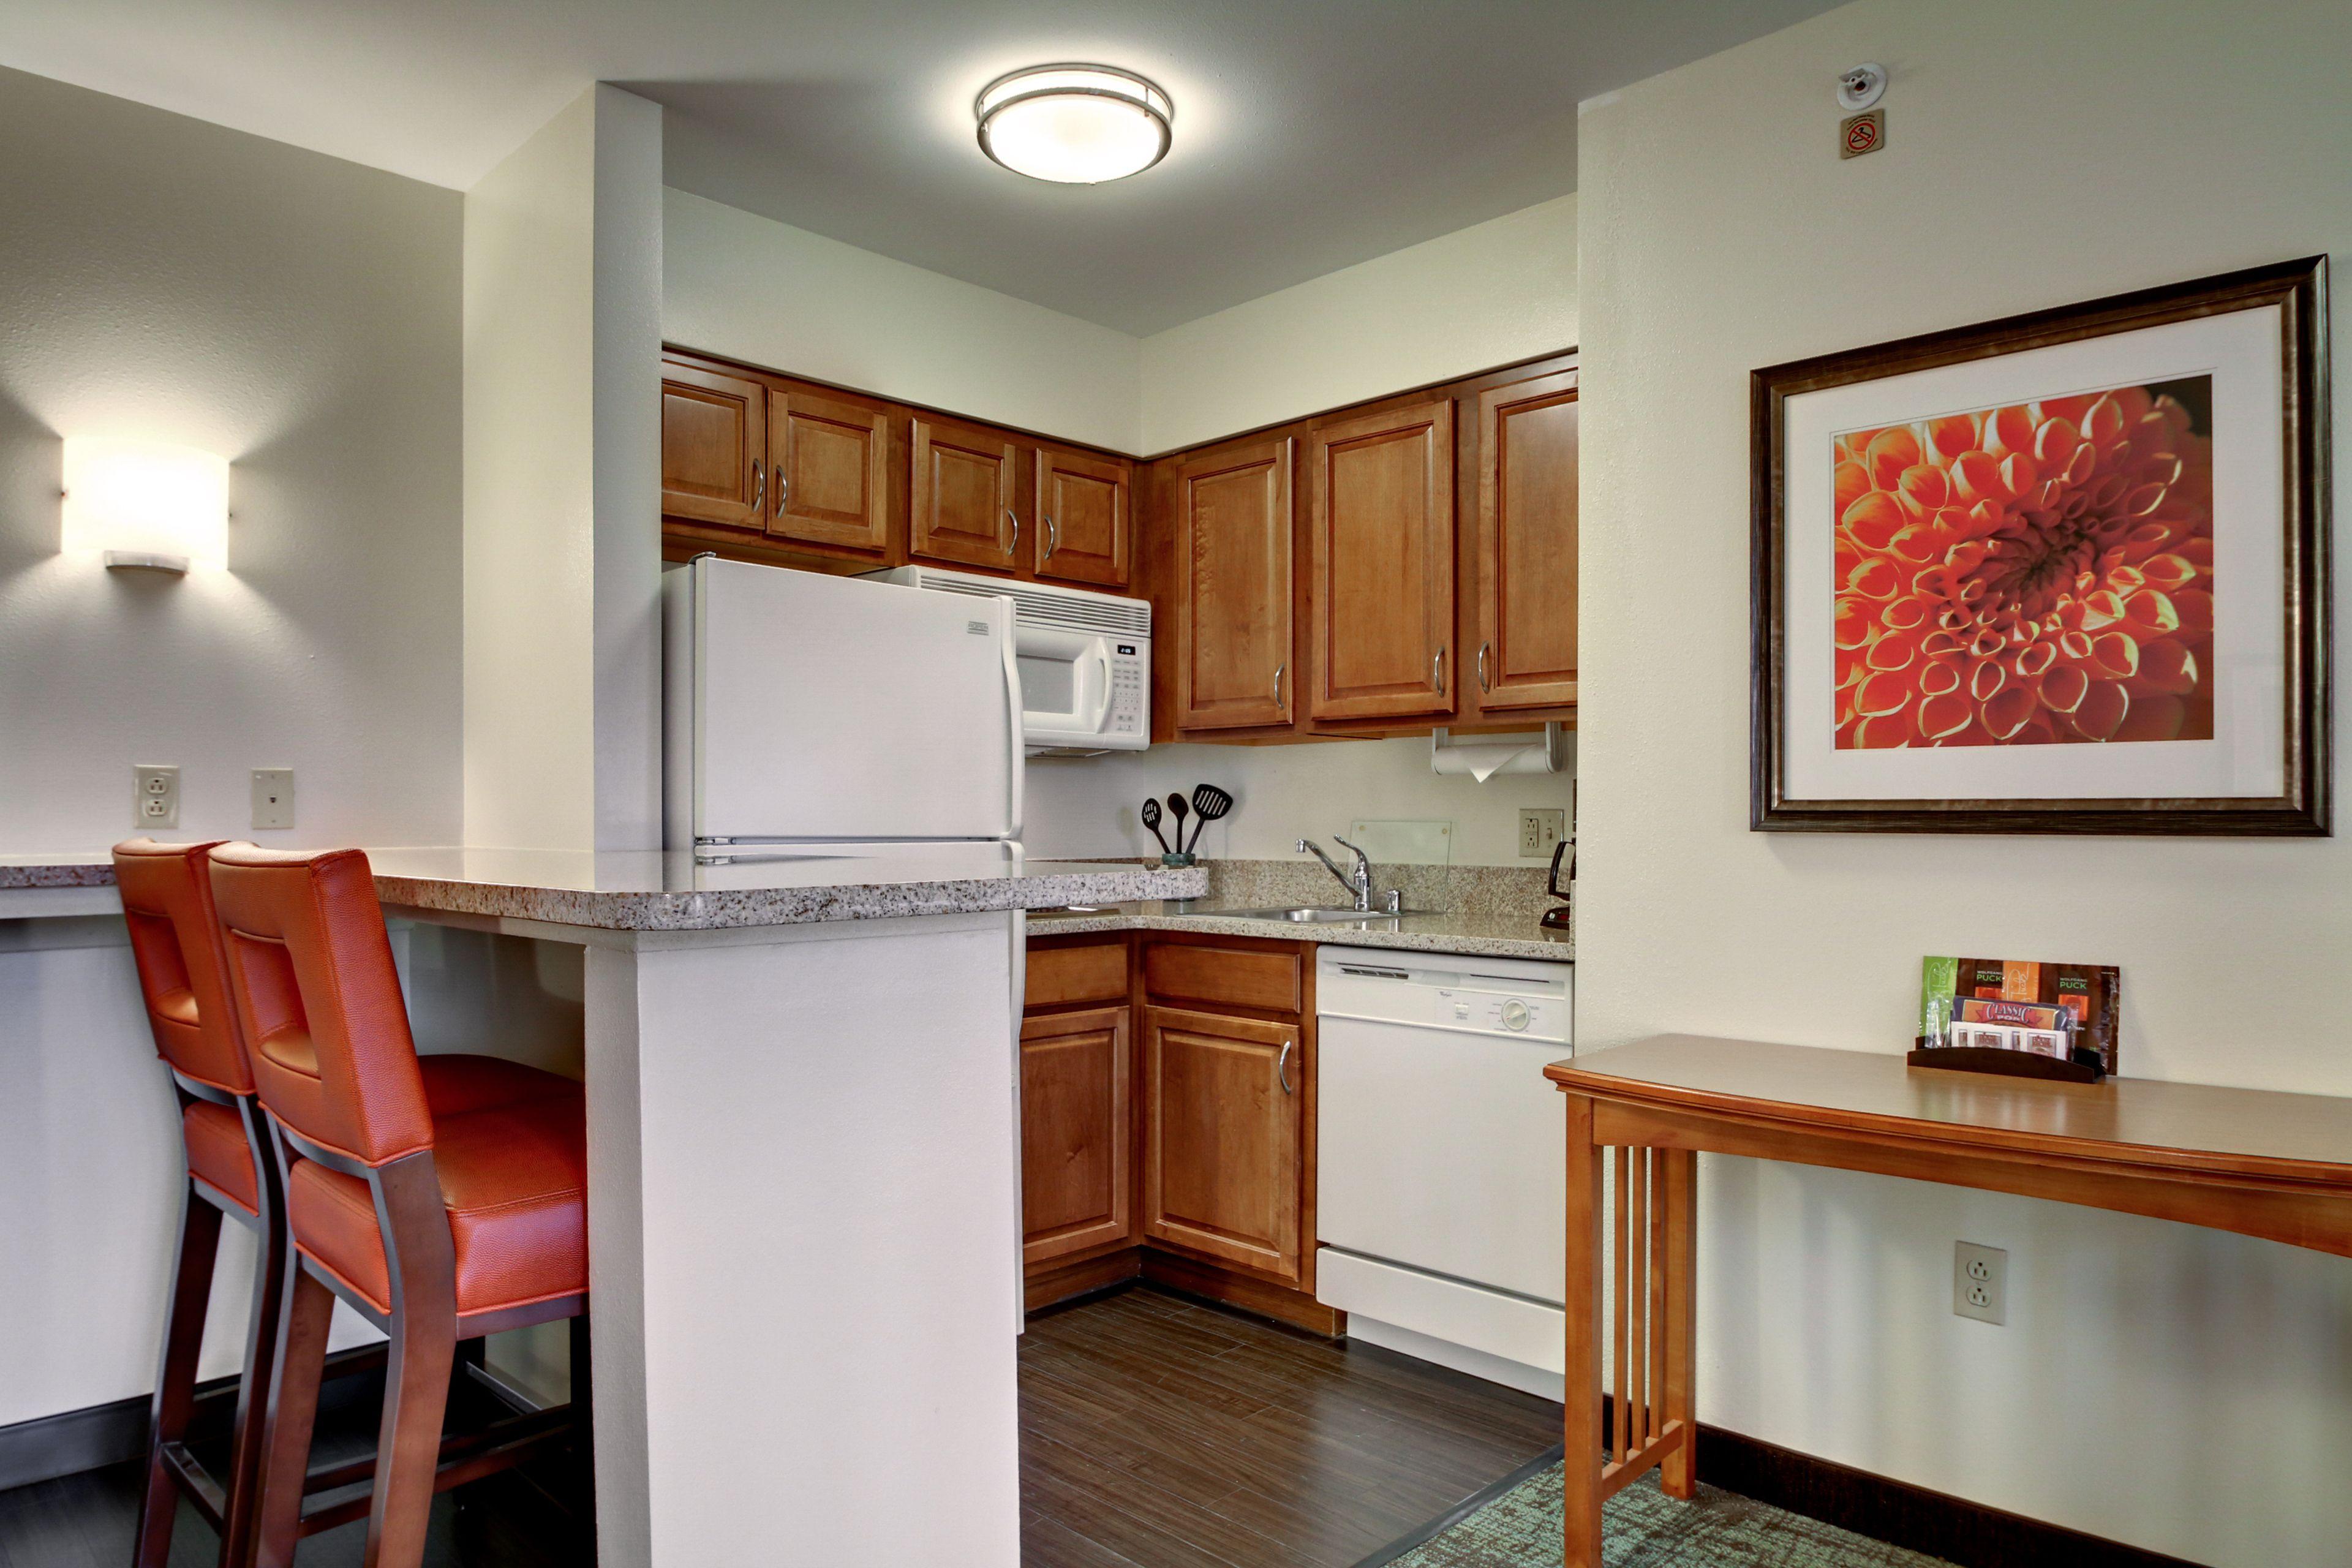 staybridge-suites-madison-4001685811-original.jpg